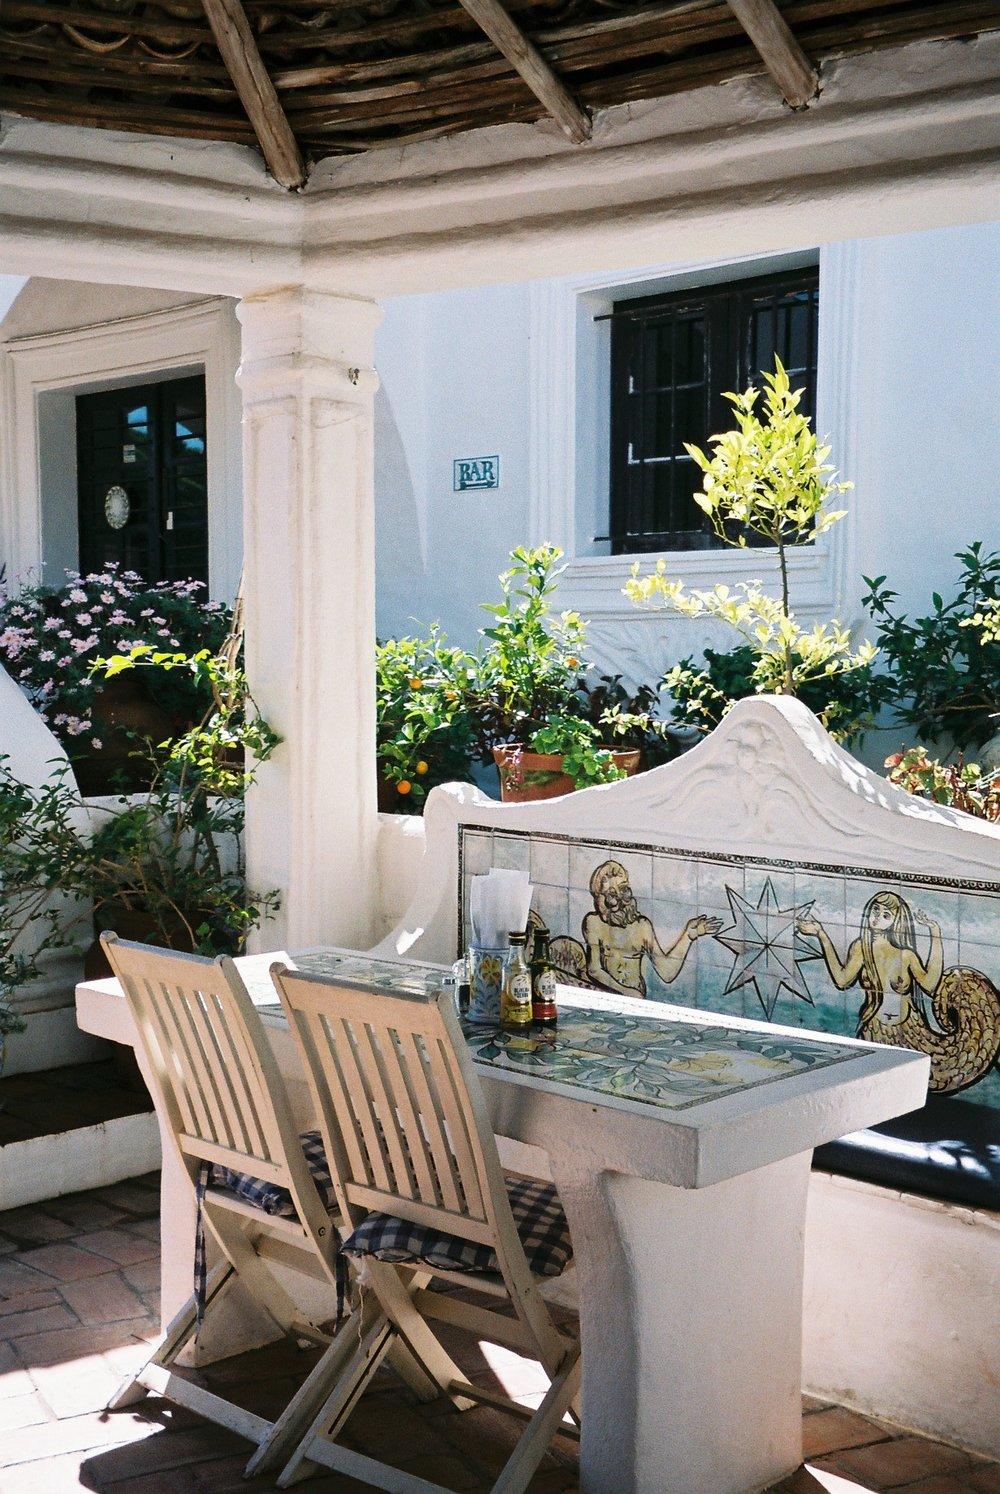 This is a pottery shop and restaurant by my parents house in the Algarve. I love how traditional the architecture of this place is.  / Esta olaria e restaurante fica perto da nossa casa no Algarve e eu adoro o quão tradicional é a arquitectura deste local.